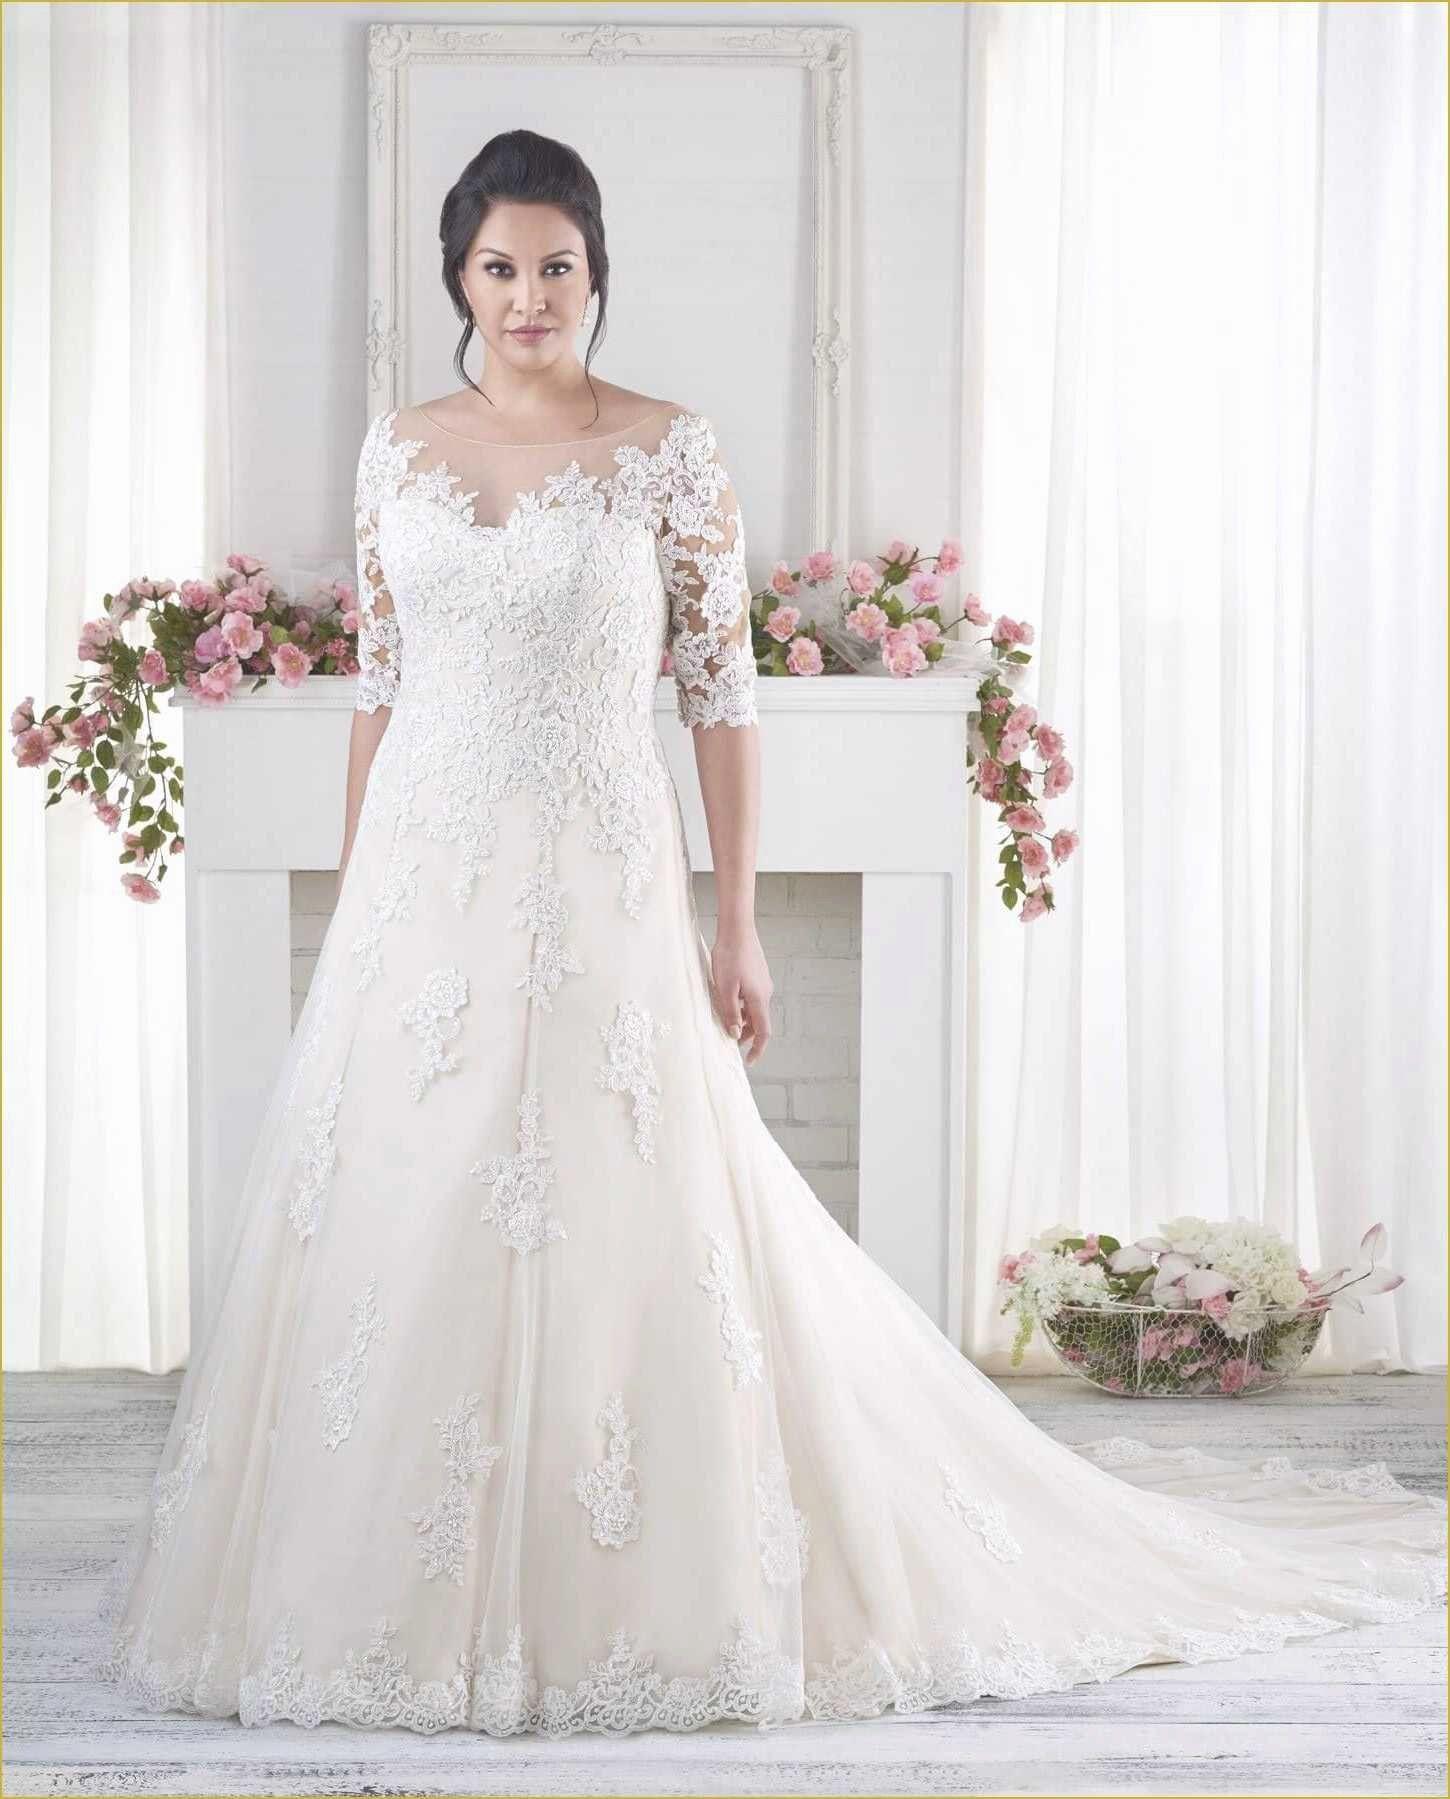 Wedding Dress Rentals In Dallas Texas Awesome Wedding Gowns Dallas Tx Elegant Bridal Go In 2020 Elegant Bridal Gown Wedding Dresses For Girls Wedding Dresses Pinterest